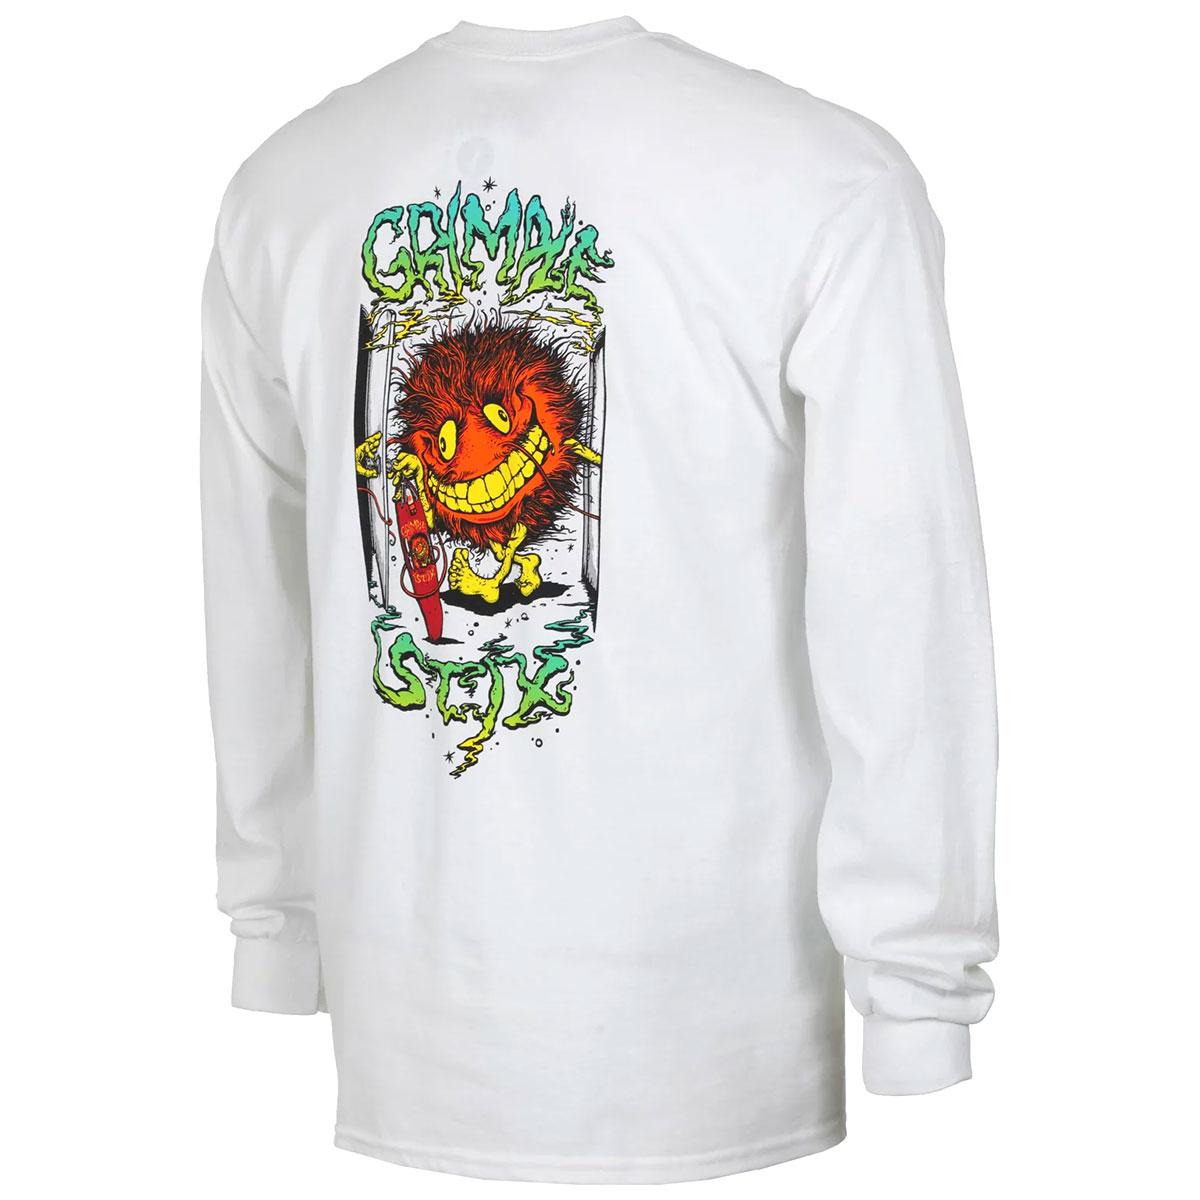 【メール便送料無料】 ANTIHERO (アンタイヒーロー) Grimple Key Master Long Sleeve Pocket T-Shirt アンチヒーロー スケボー ロンT ロンティー Tシャツ 長袖 メンズ ブランド 綿 厚手 ポケット ロゴ プリント バックプリント 白 M L XL 大きいサイズ 【あす楽対応】